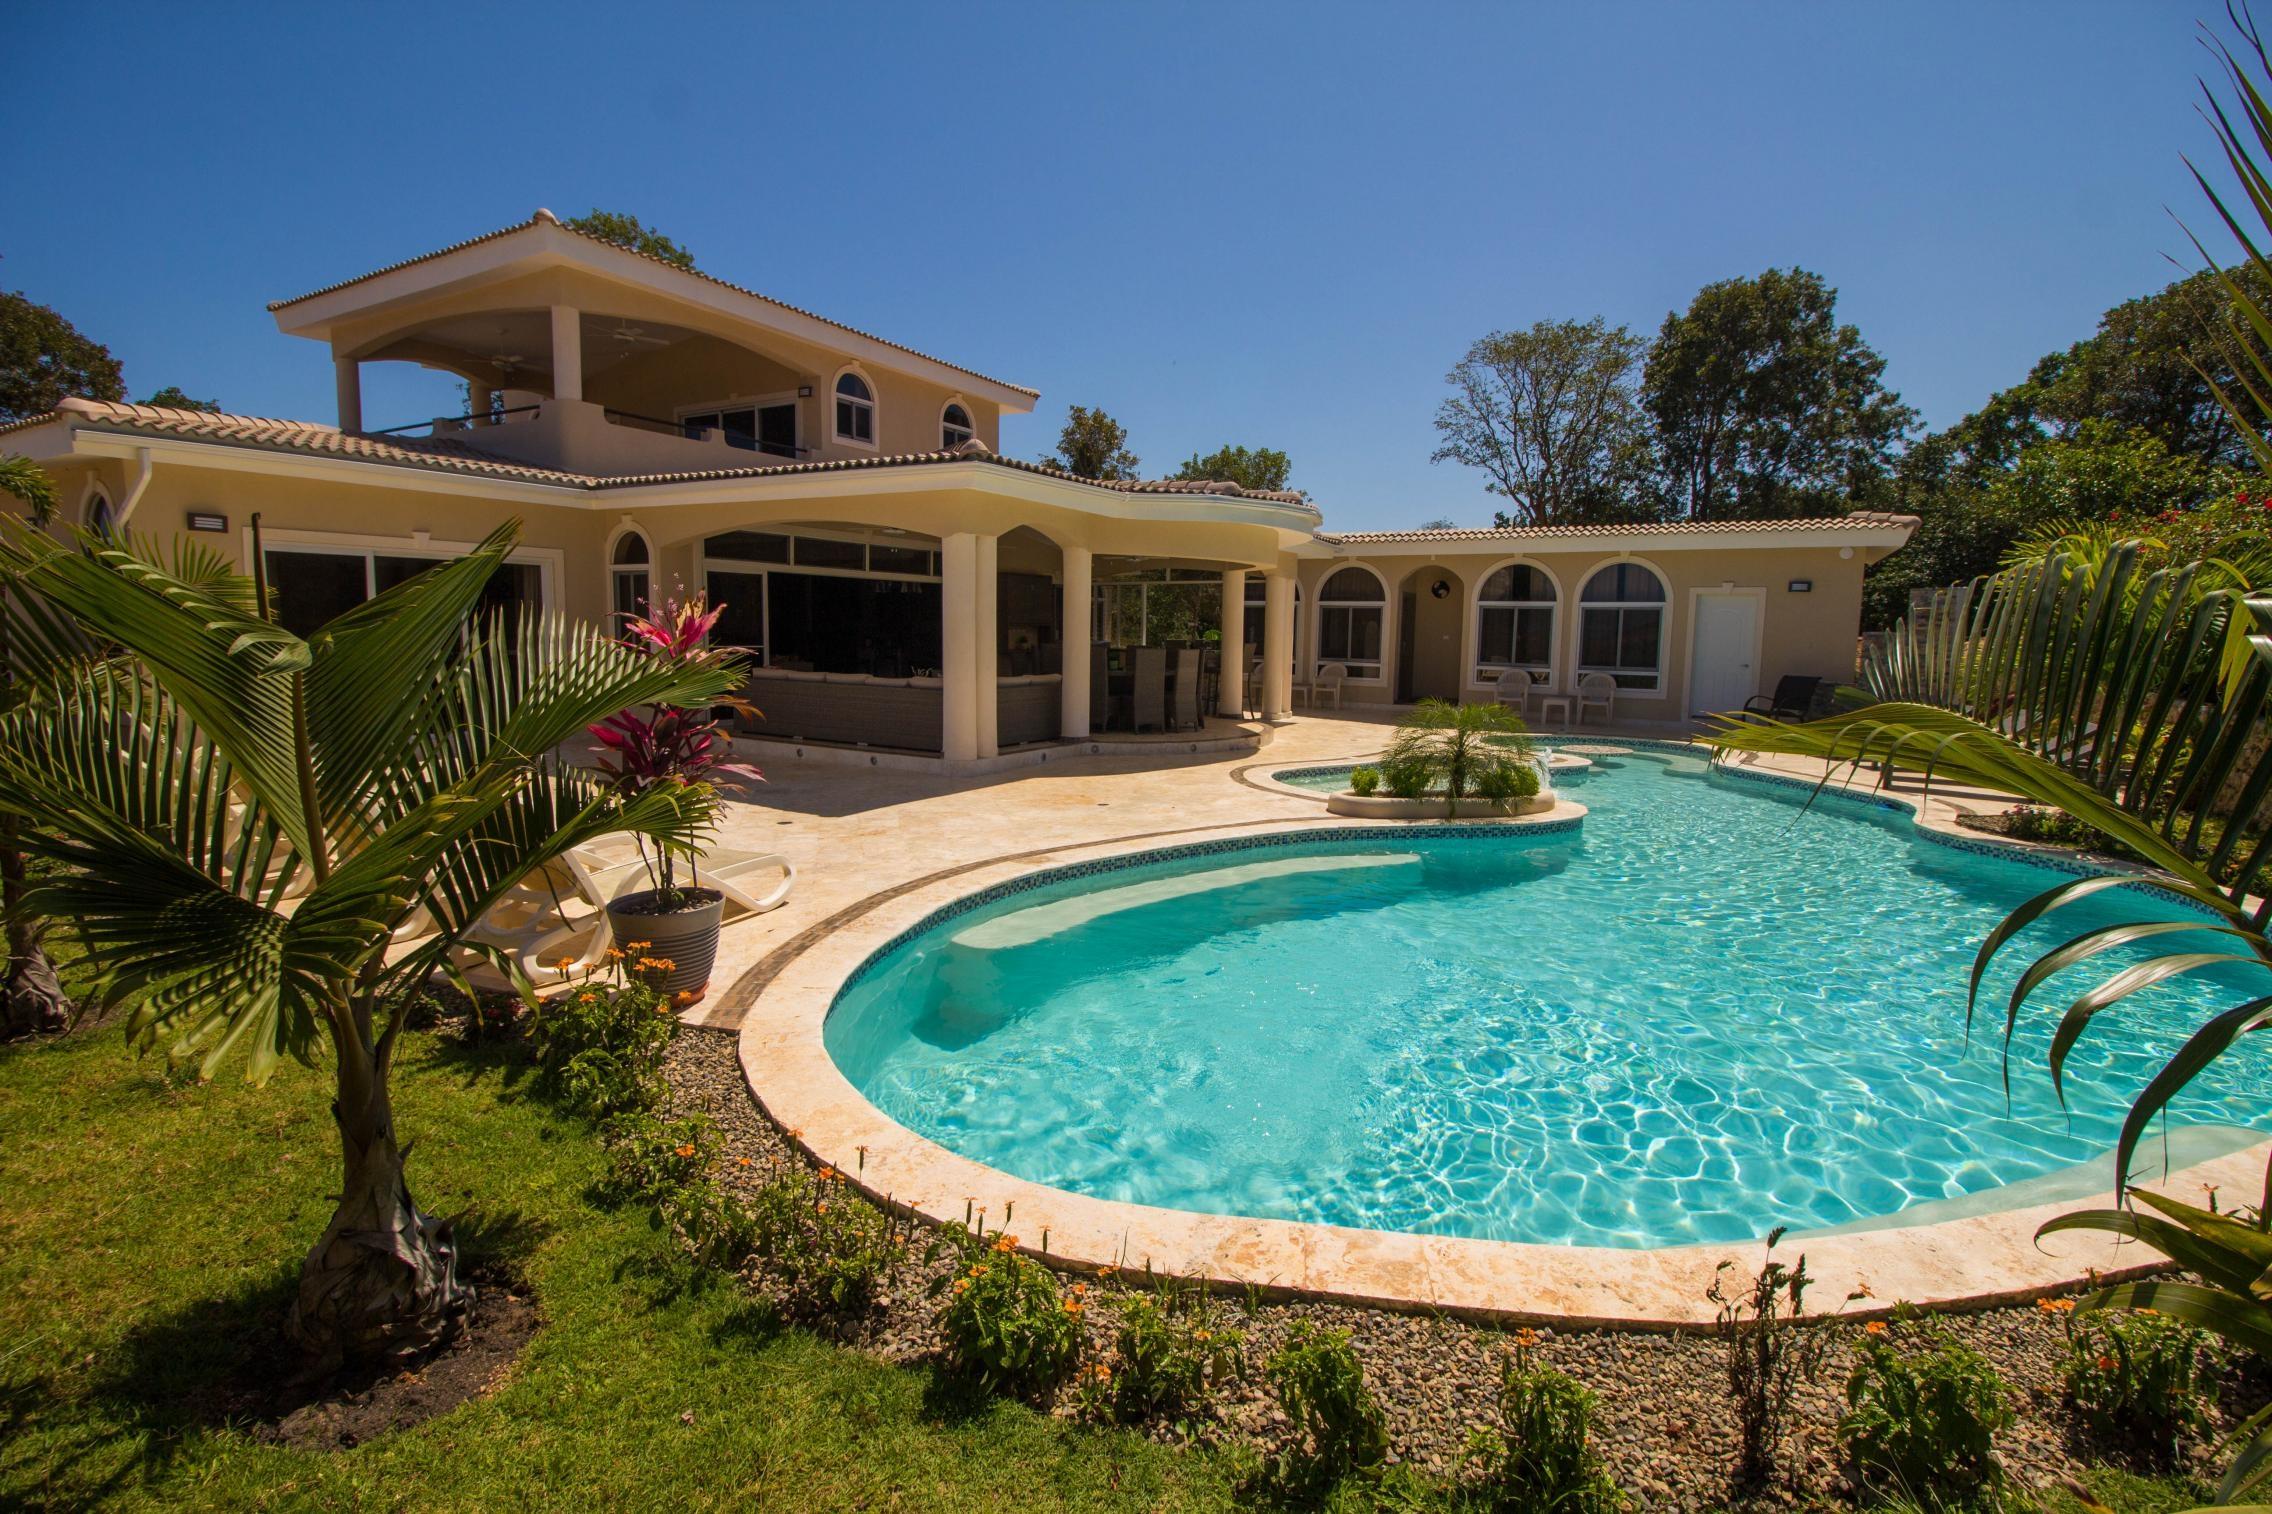 6 Bedroom Deluxe Villa Rental in Sosua